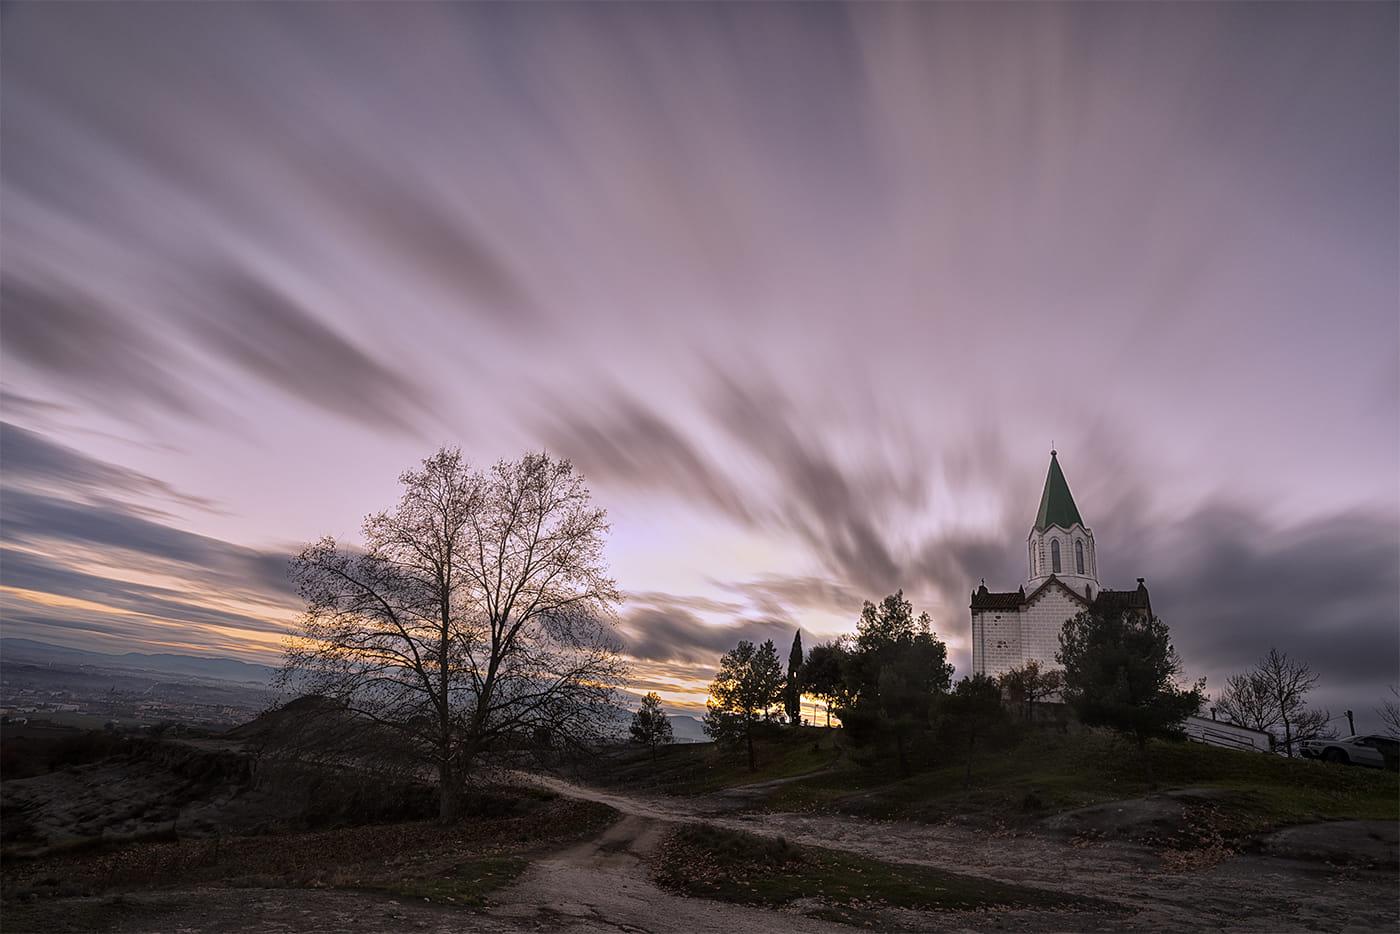 Puig-Agut i els núvols